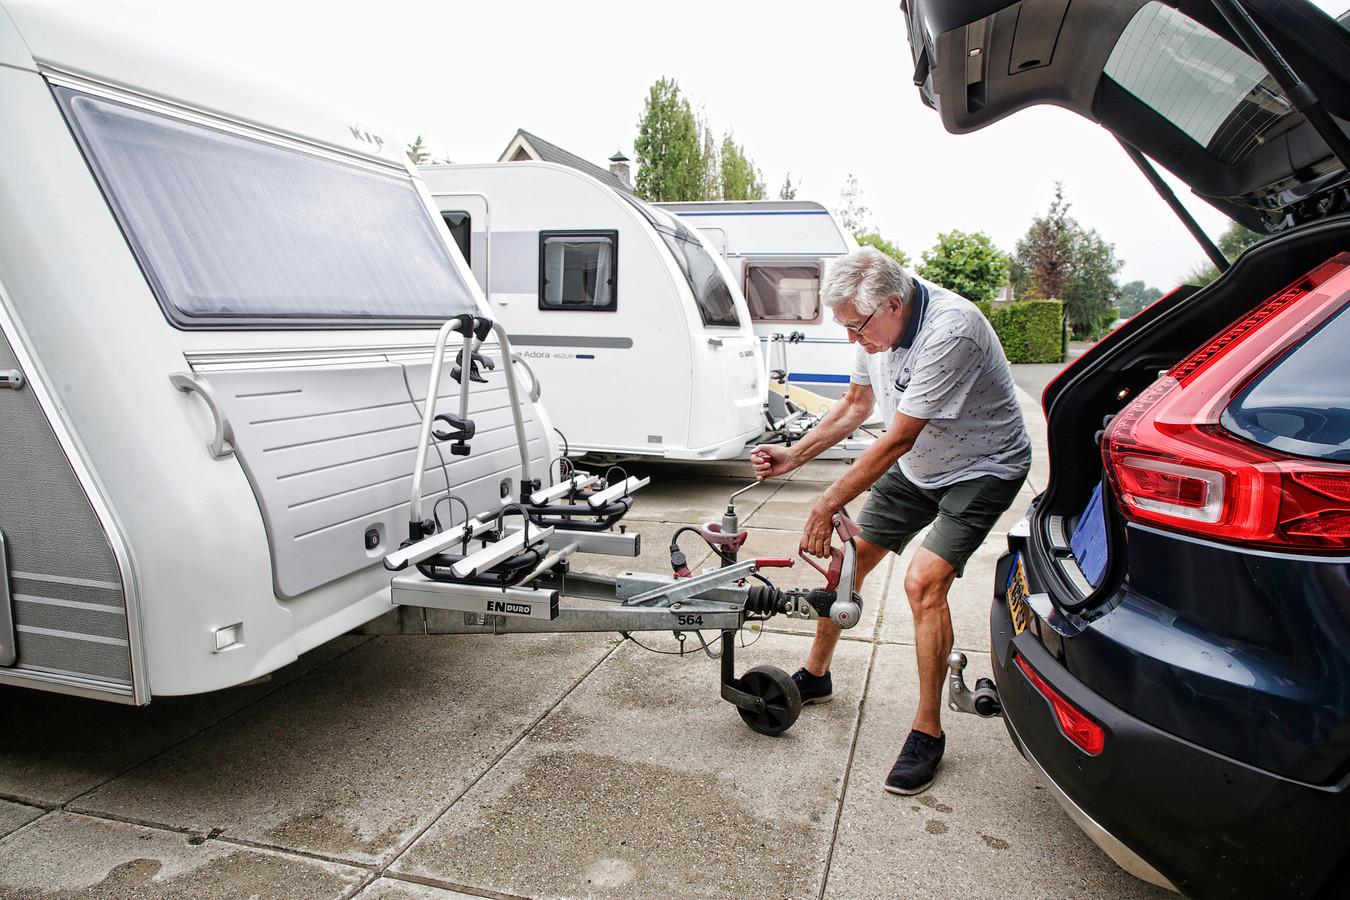 Jan Heijting gaat deze zomer tien dagen naar Domburg met de caravan. In september denkt hij wel weer naar Italië te kunnen.